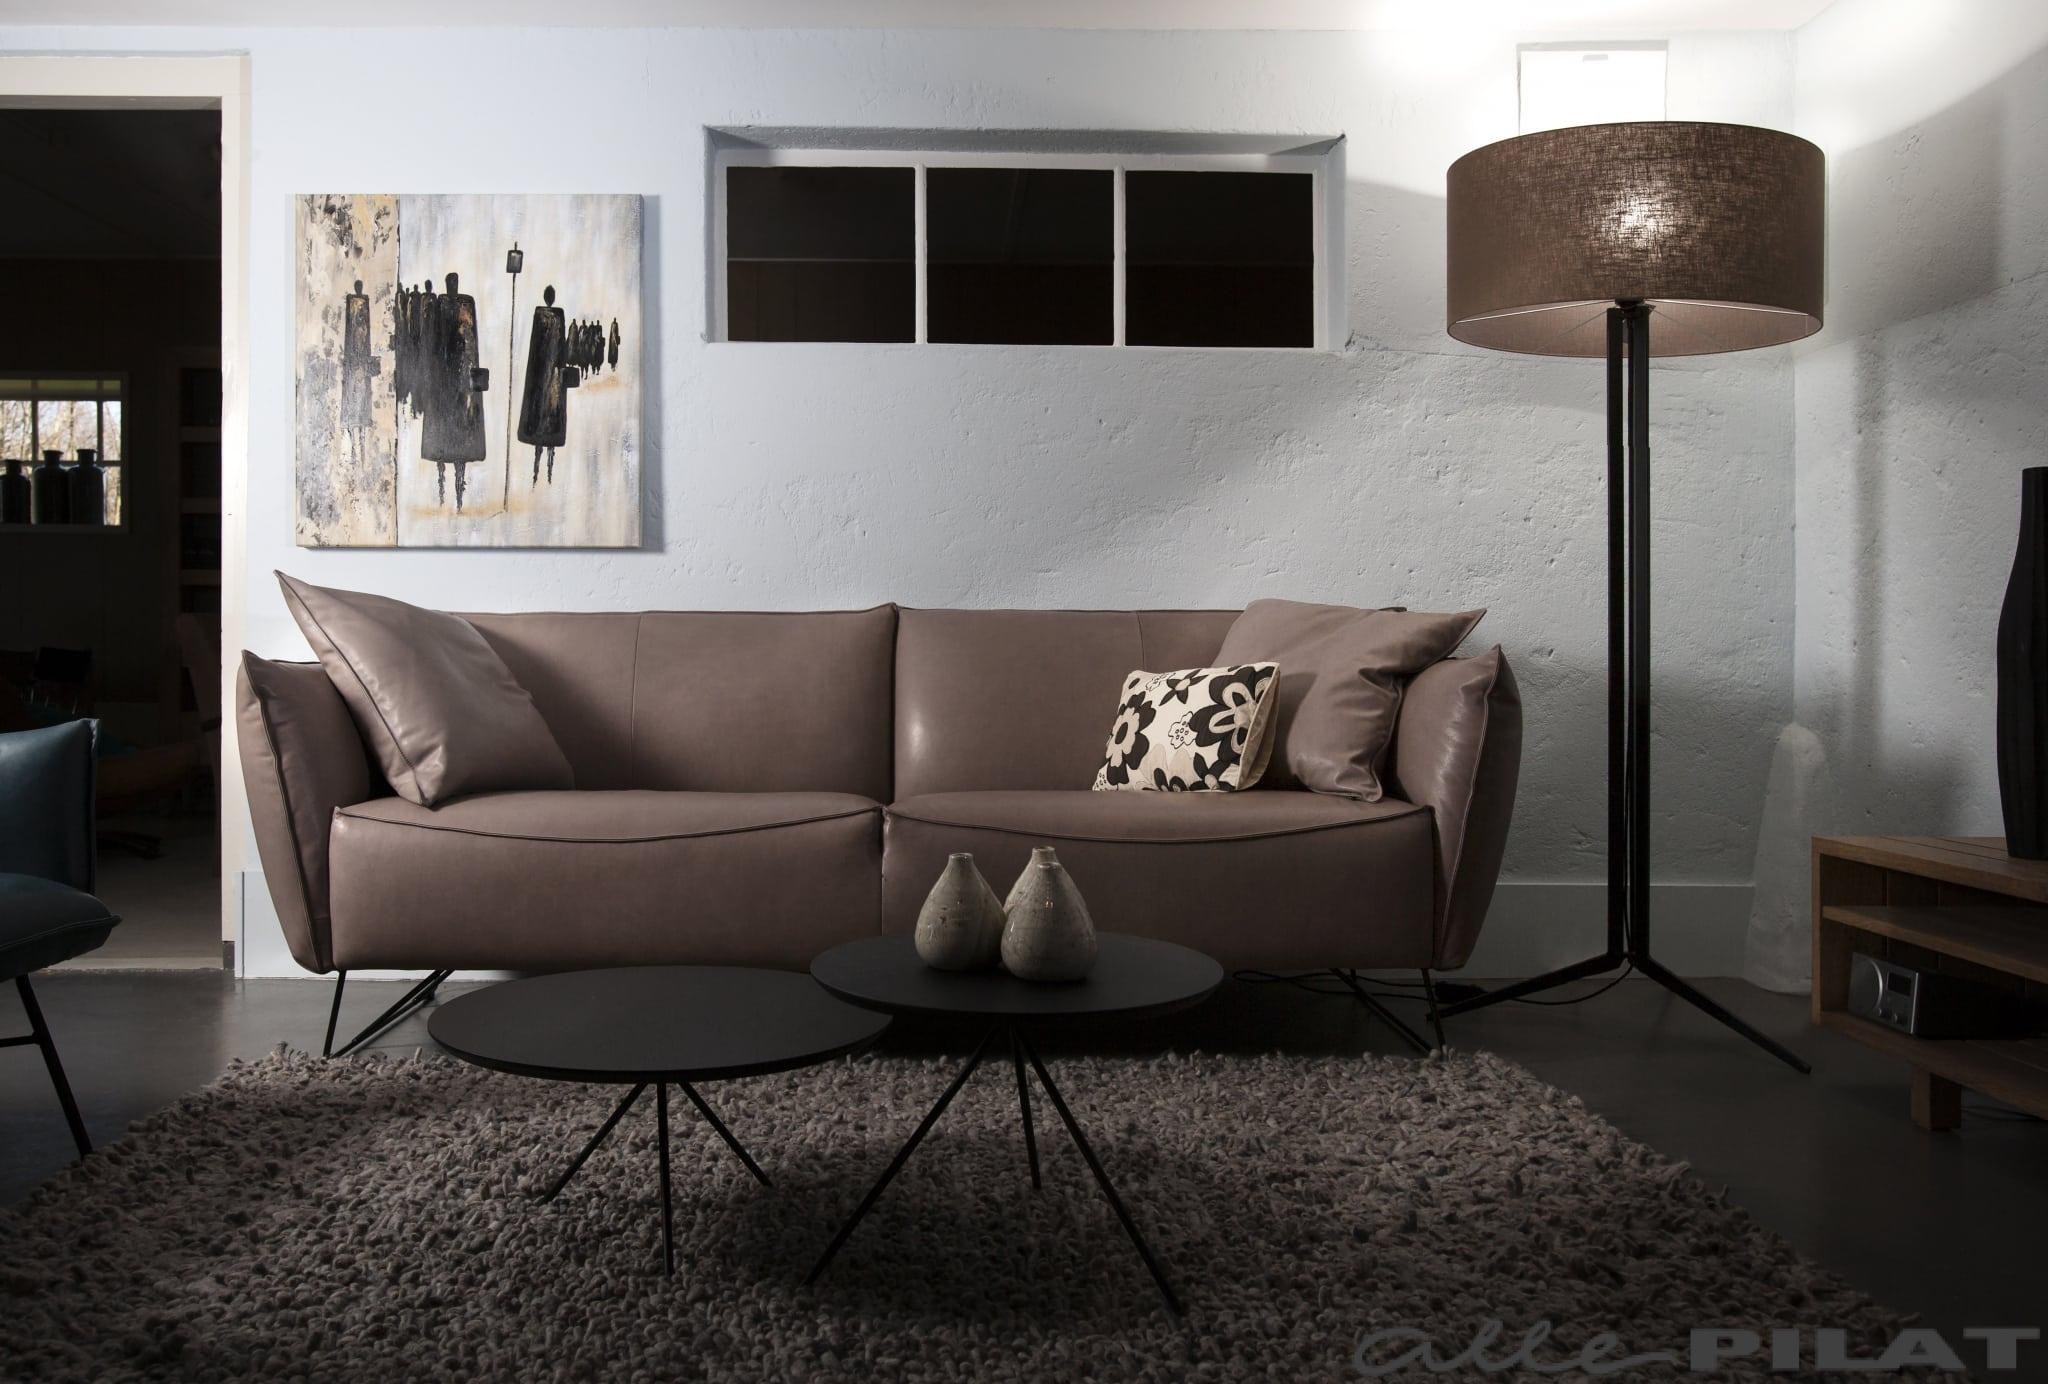 Hoekbank Design Leer.Bank Micasa Van Jess Design Vindt U Bij Woonwinkel Alle Pilat In